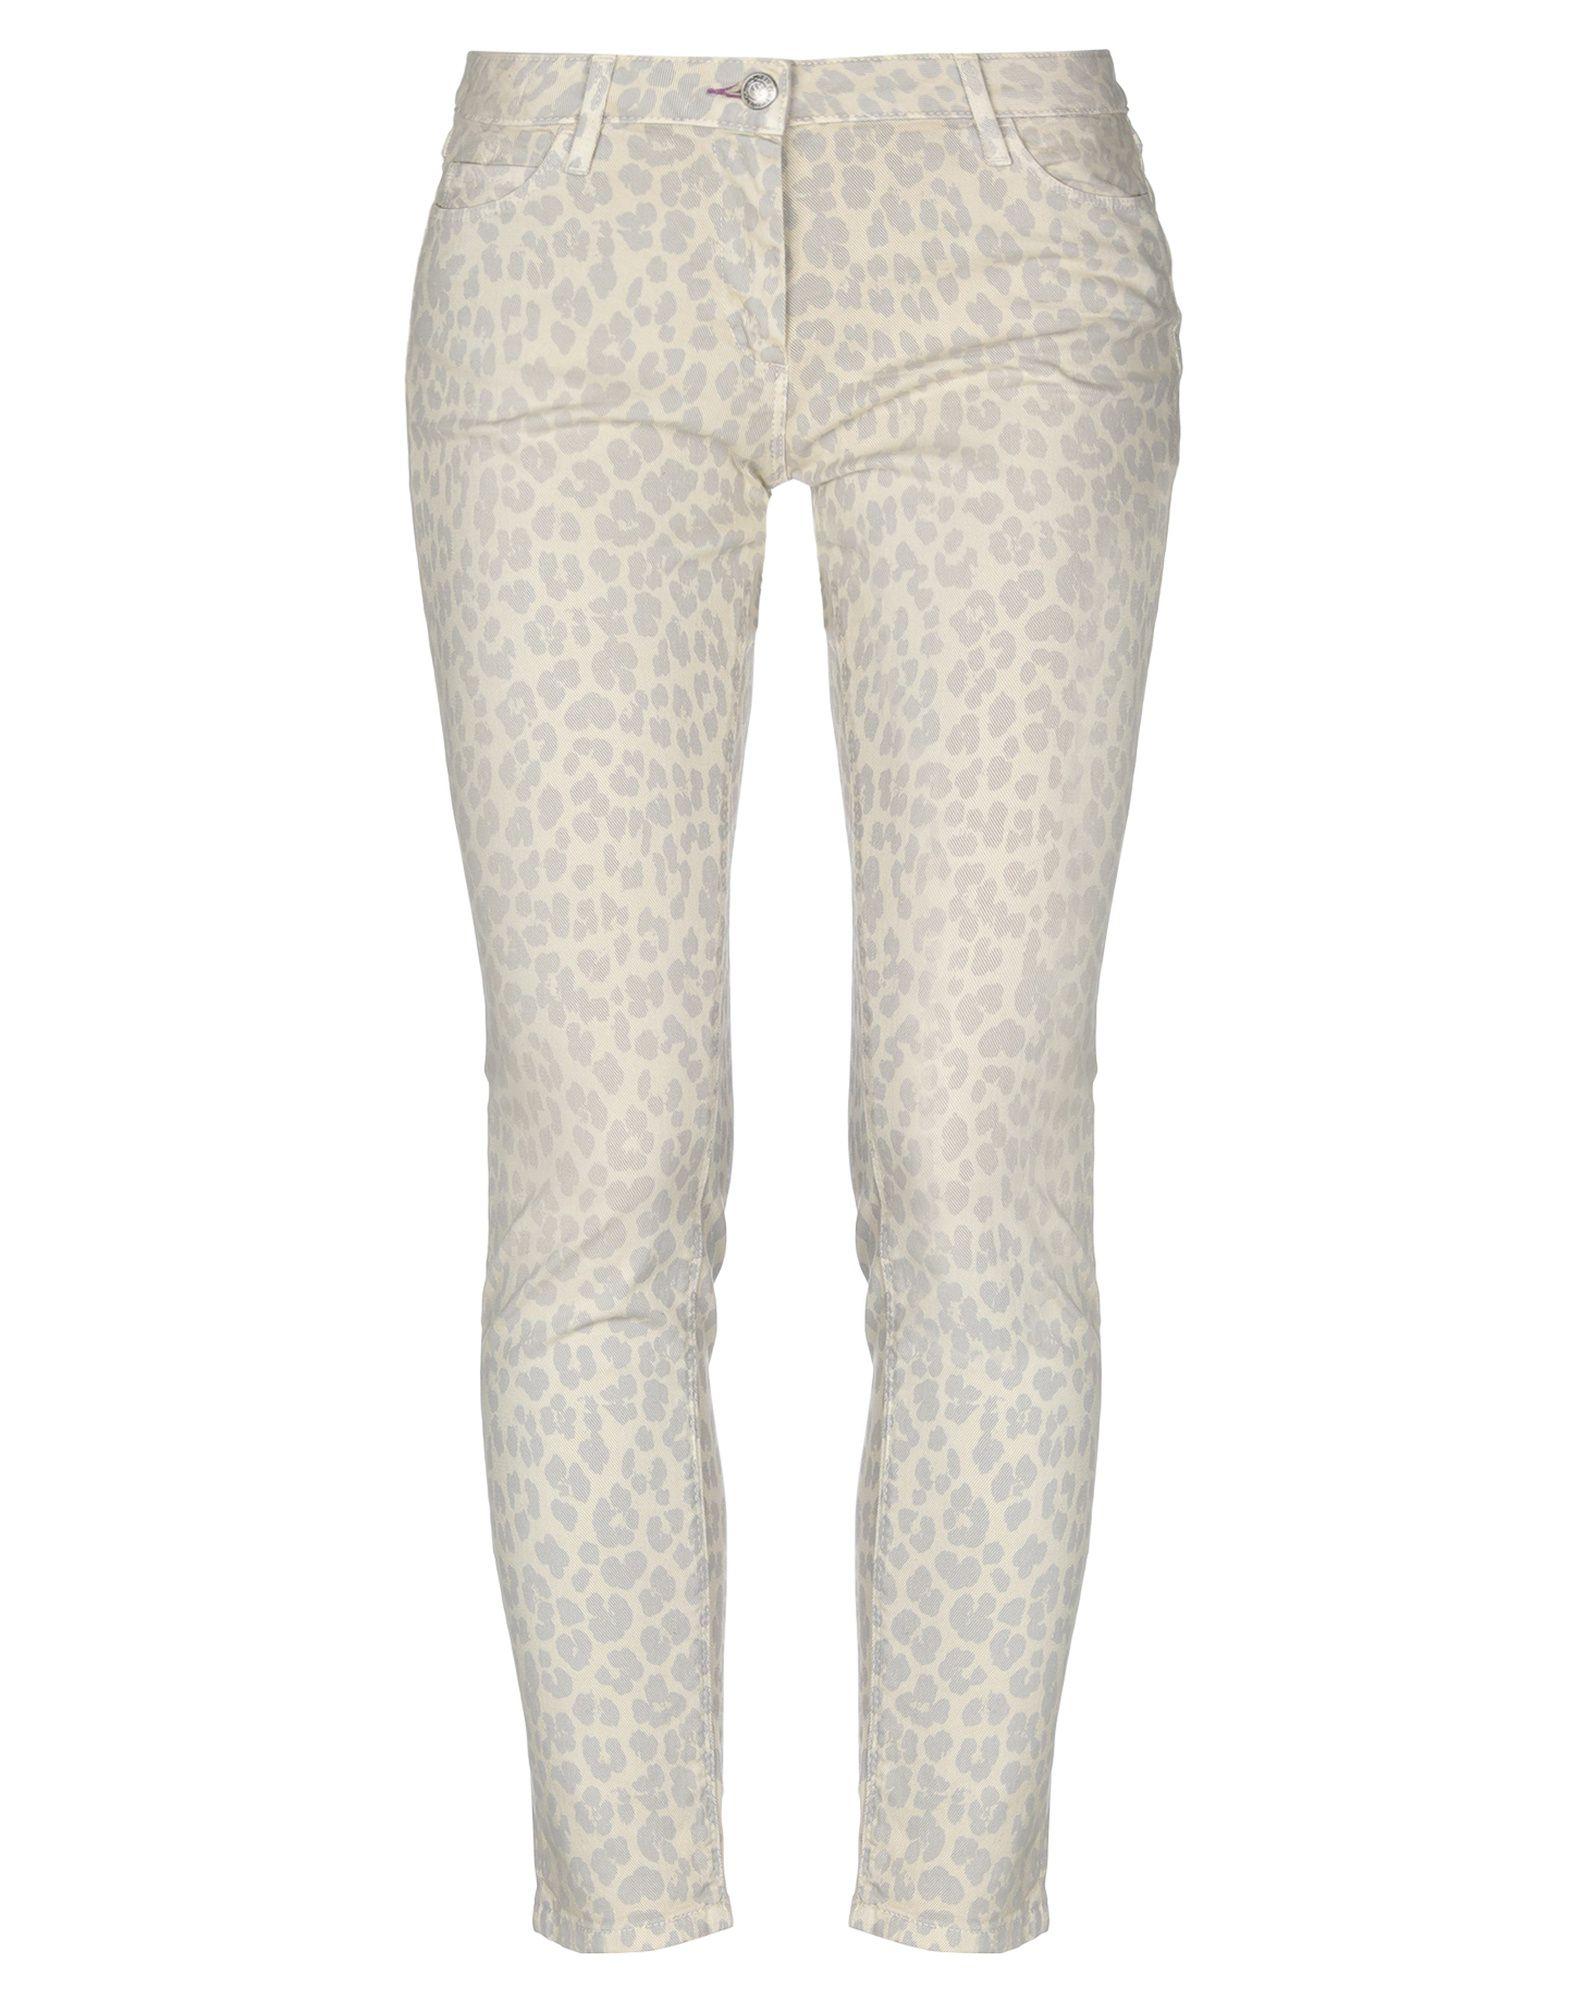 Pantaloni Jeans Was donna - 42742148LT 42742148LT 42742148LT b43